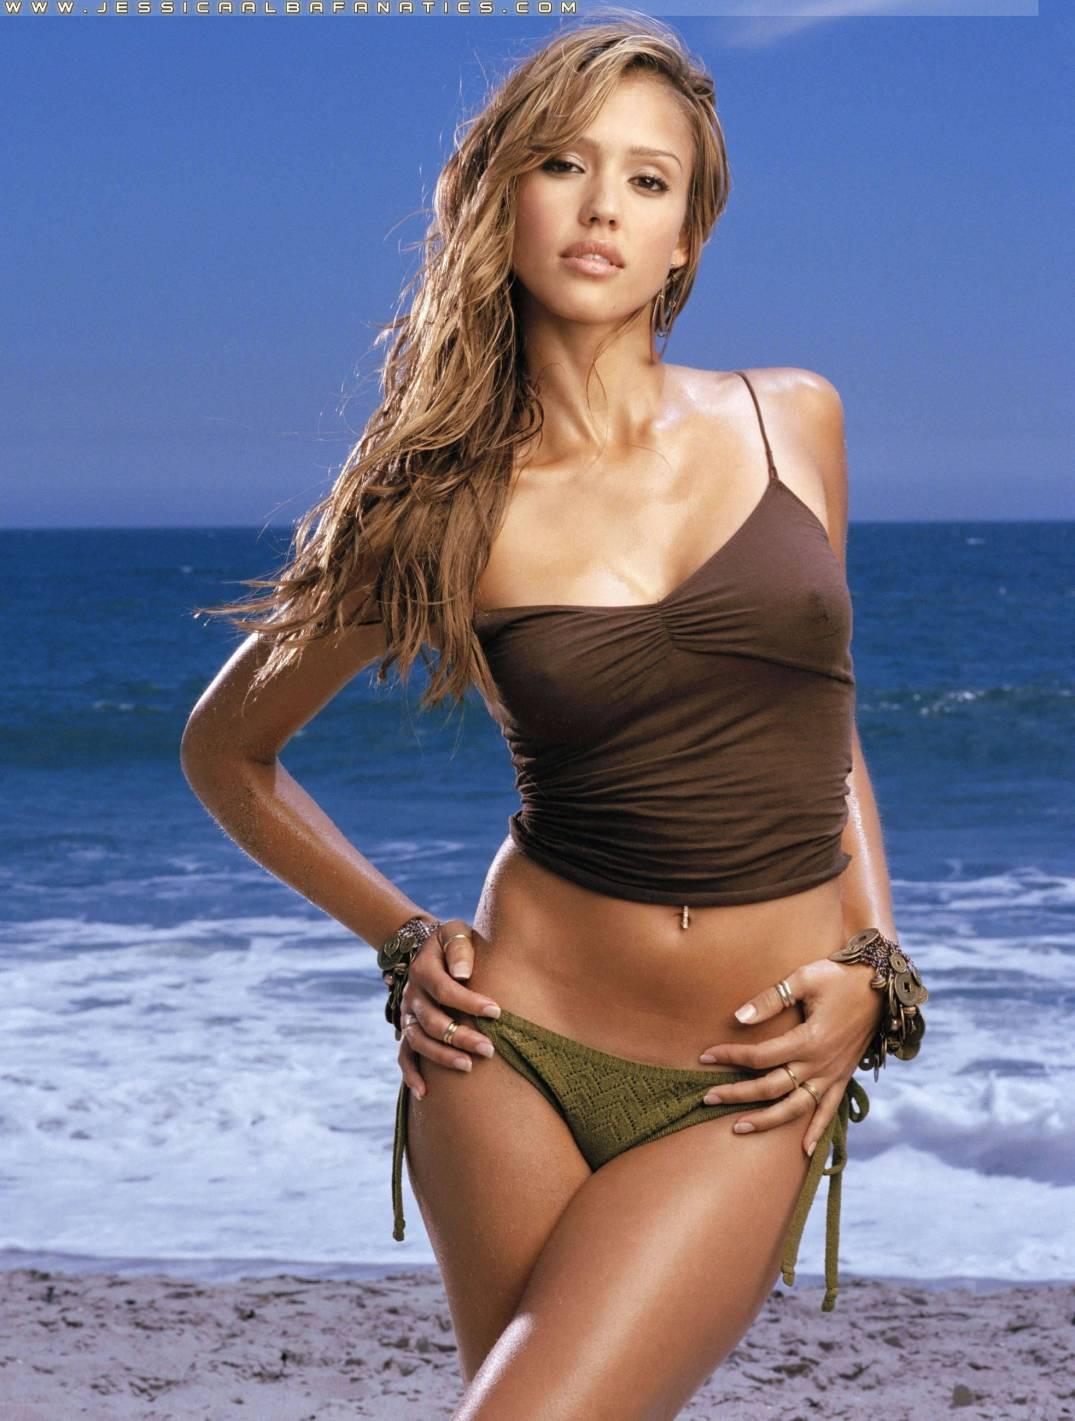 Jessica Alba Beach